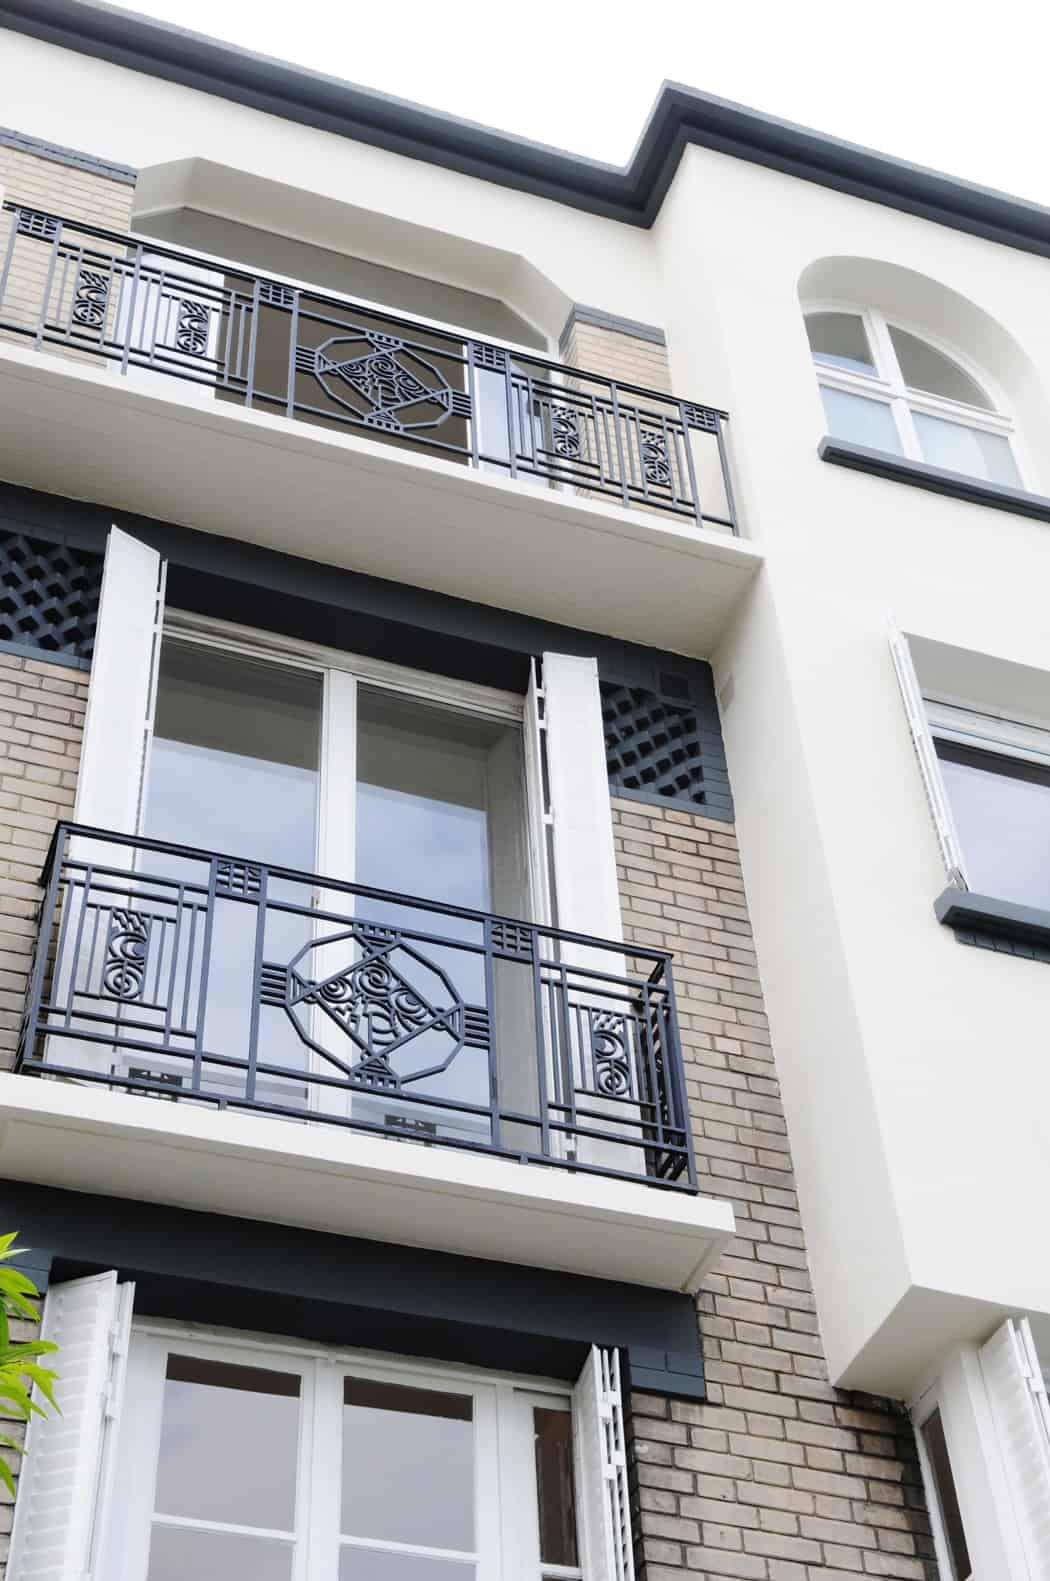 Paris Row House by Eitan Hammer (2)